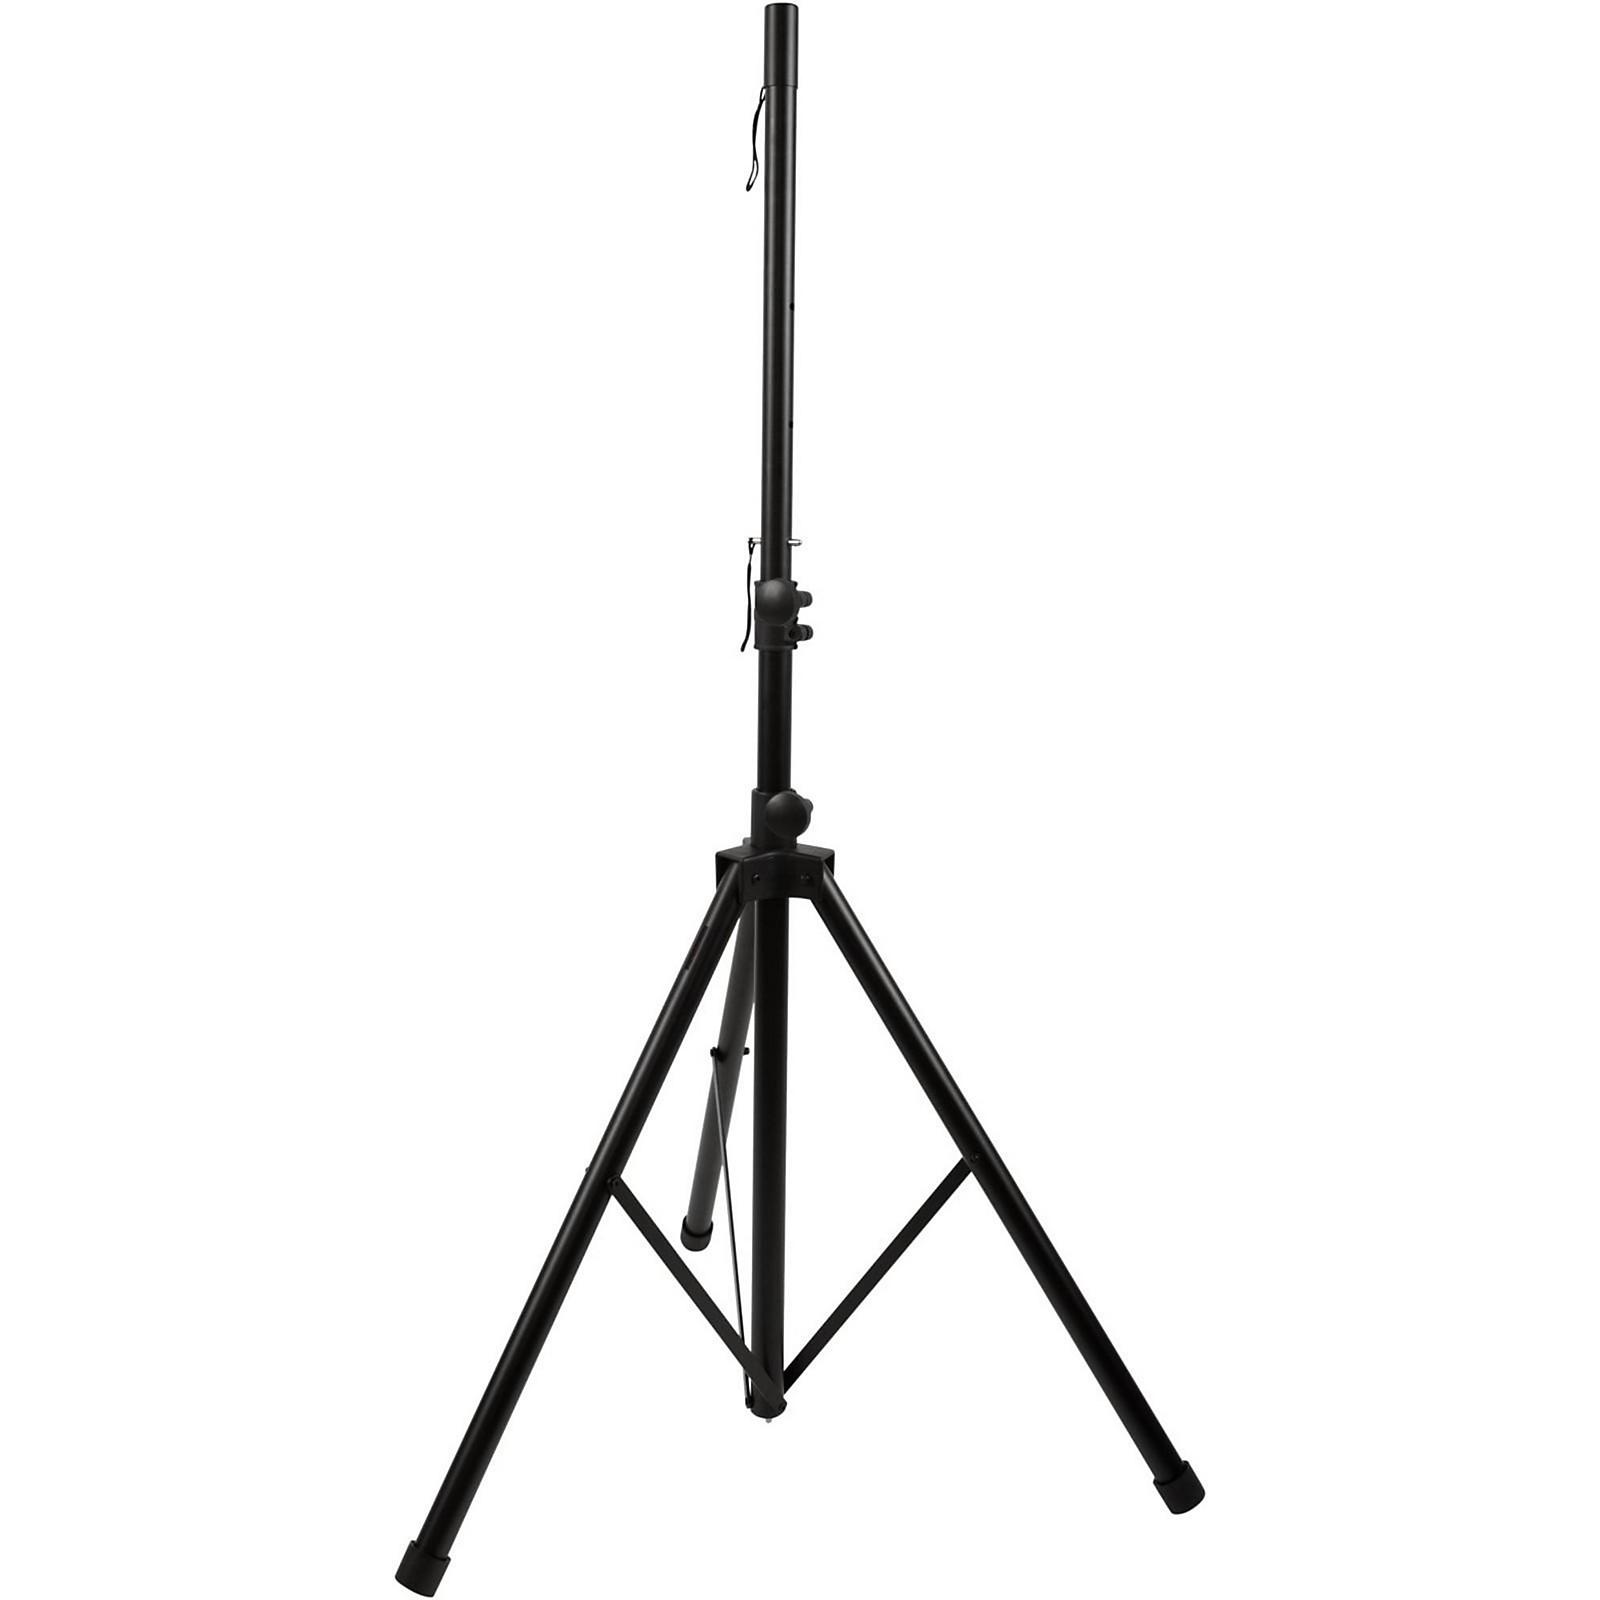 Musician's Gear Heavy-Duty Tripod Speaker Stand